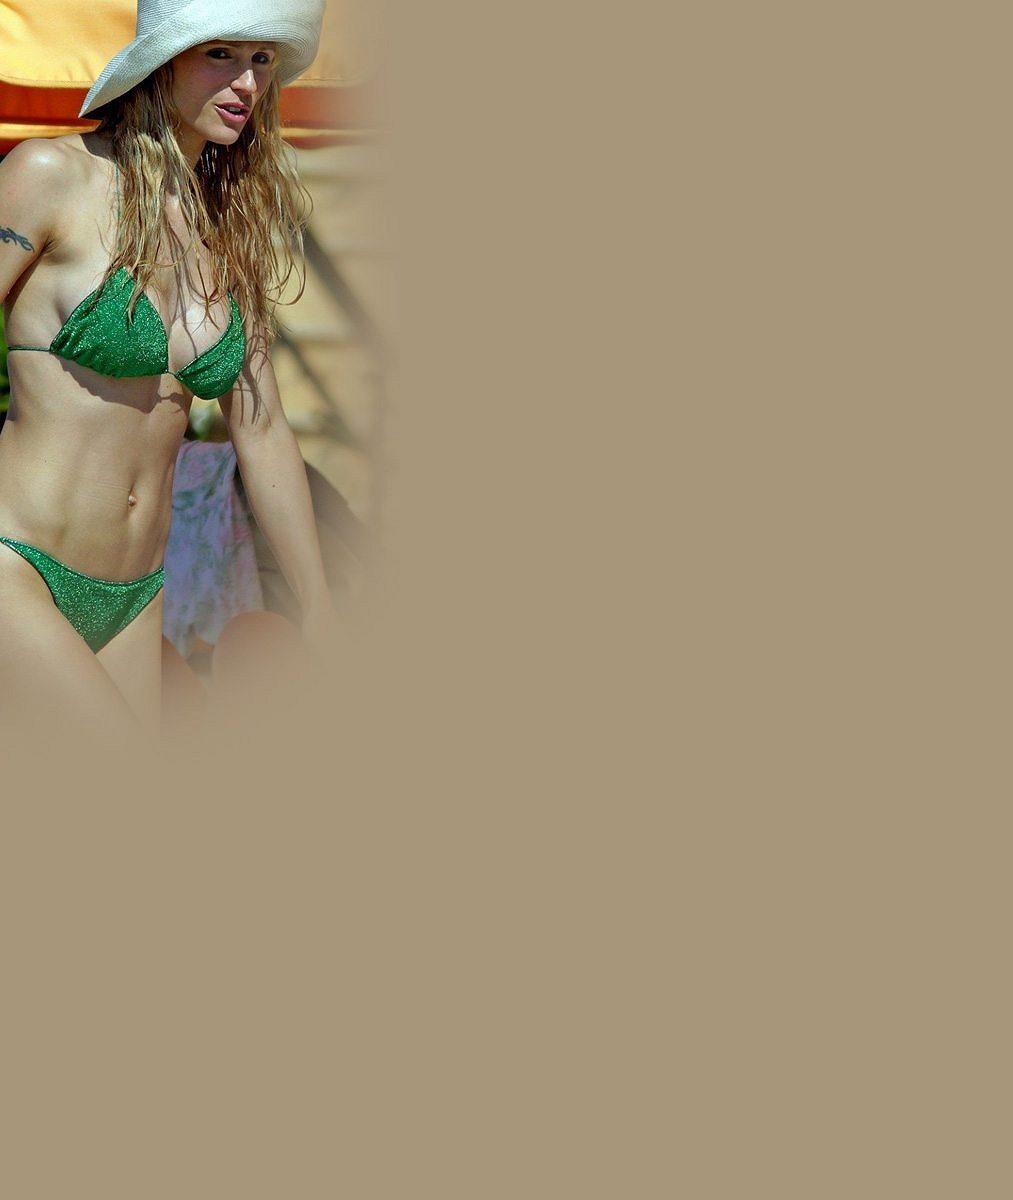 Erosova exmanželka nestárne: Ipo čtyřicítce je vbikinách naprosto dokonalá